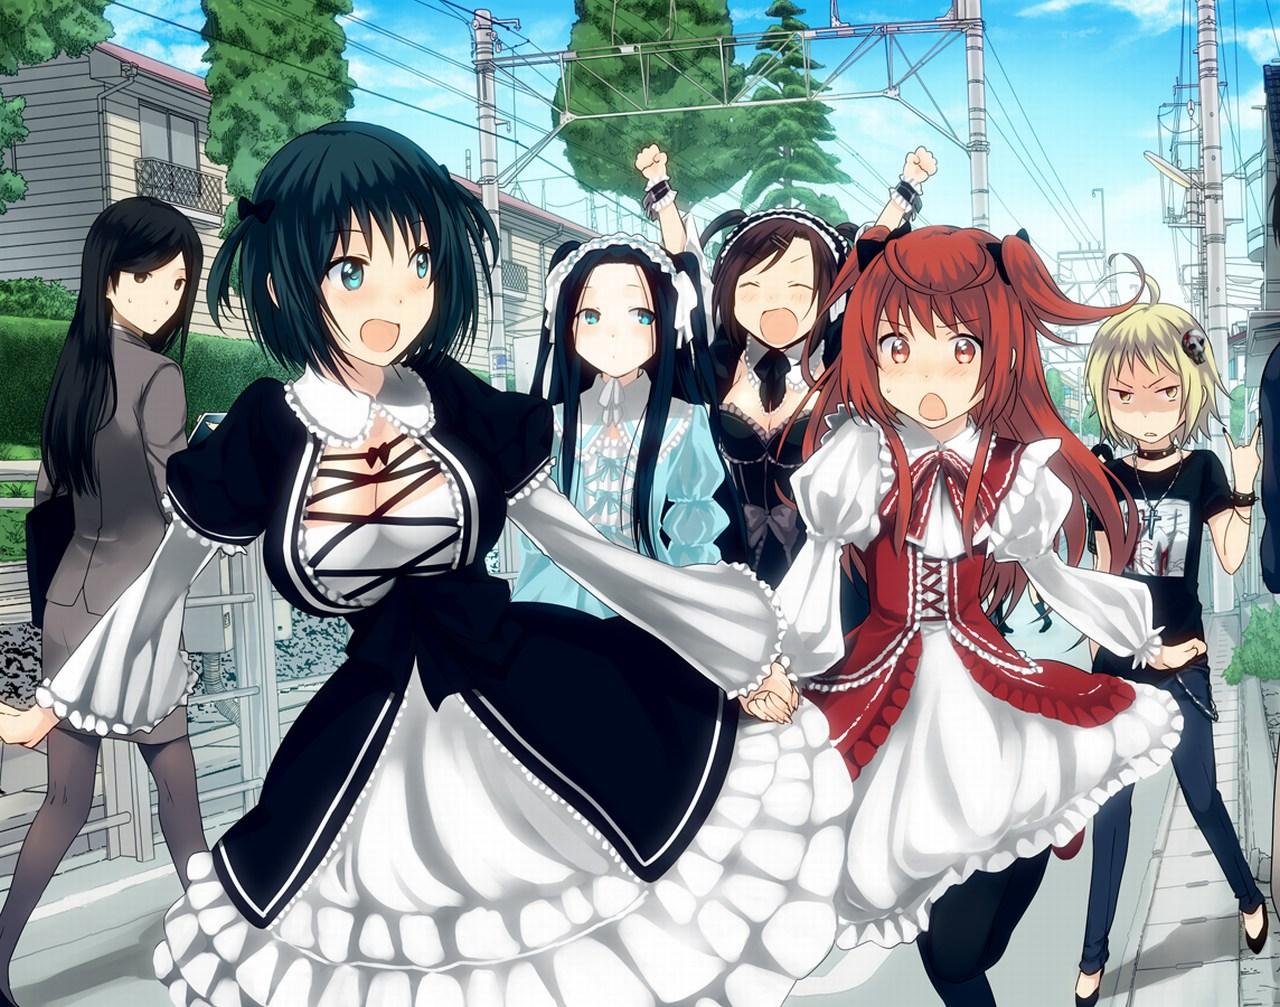 шесть аниме девушек из аниме Женская логика Joshiraku